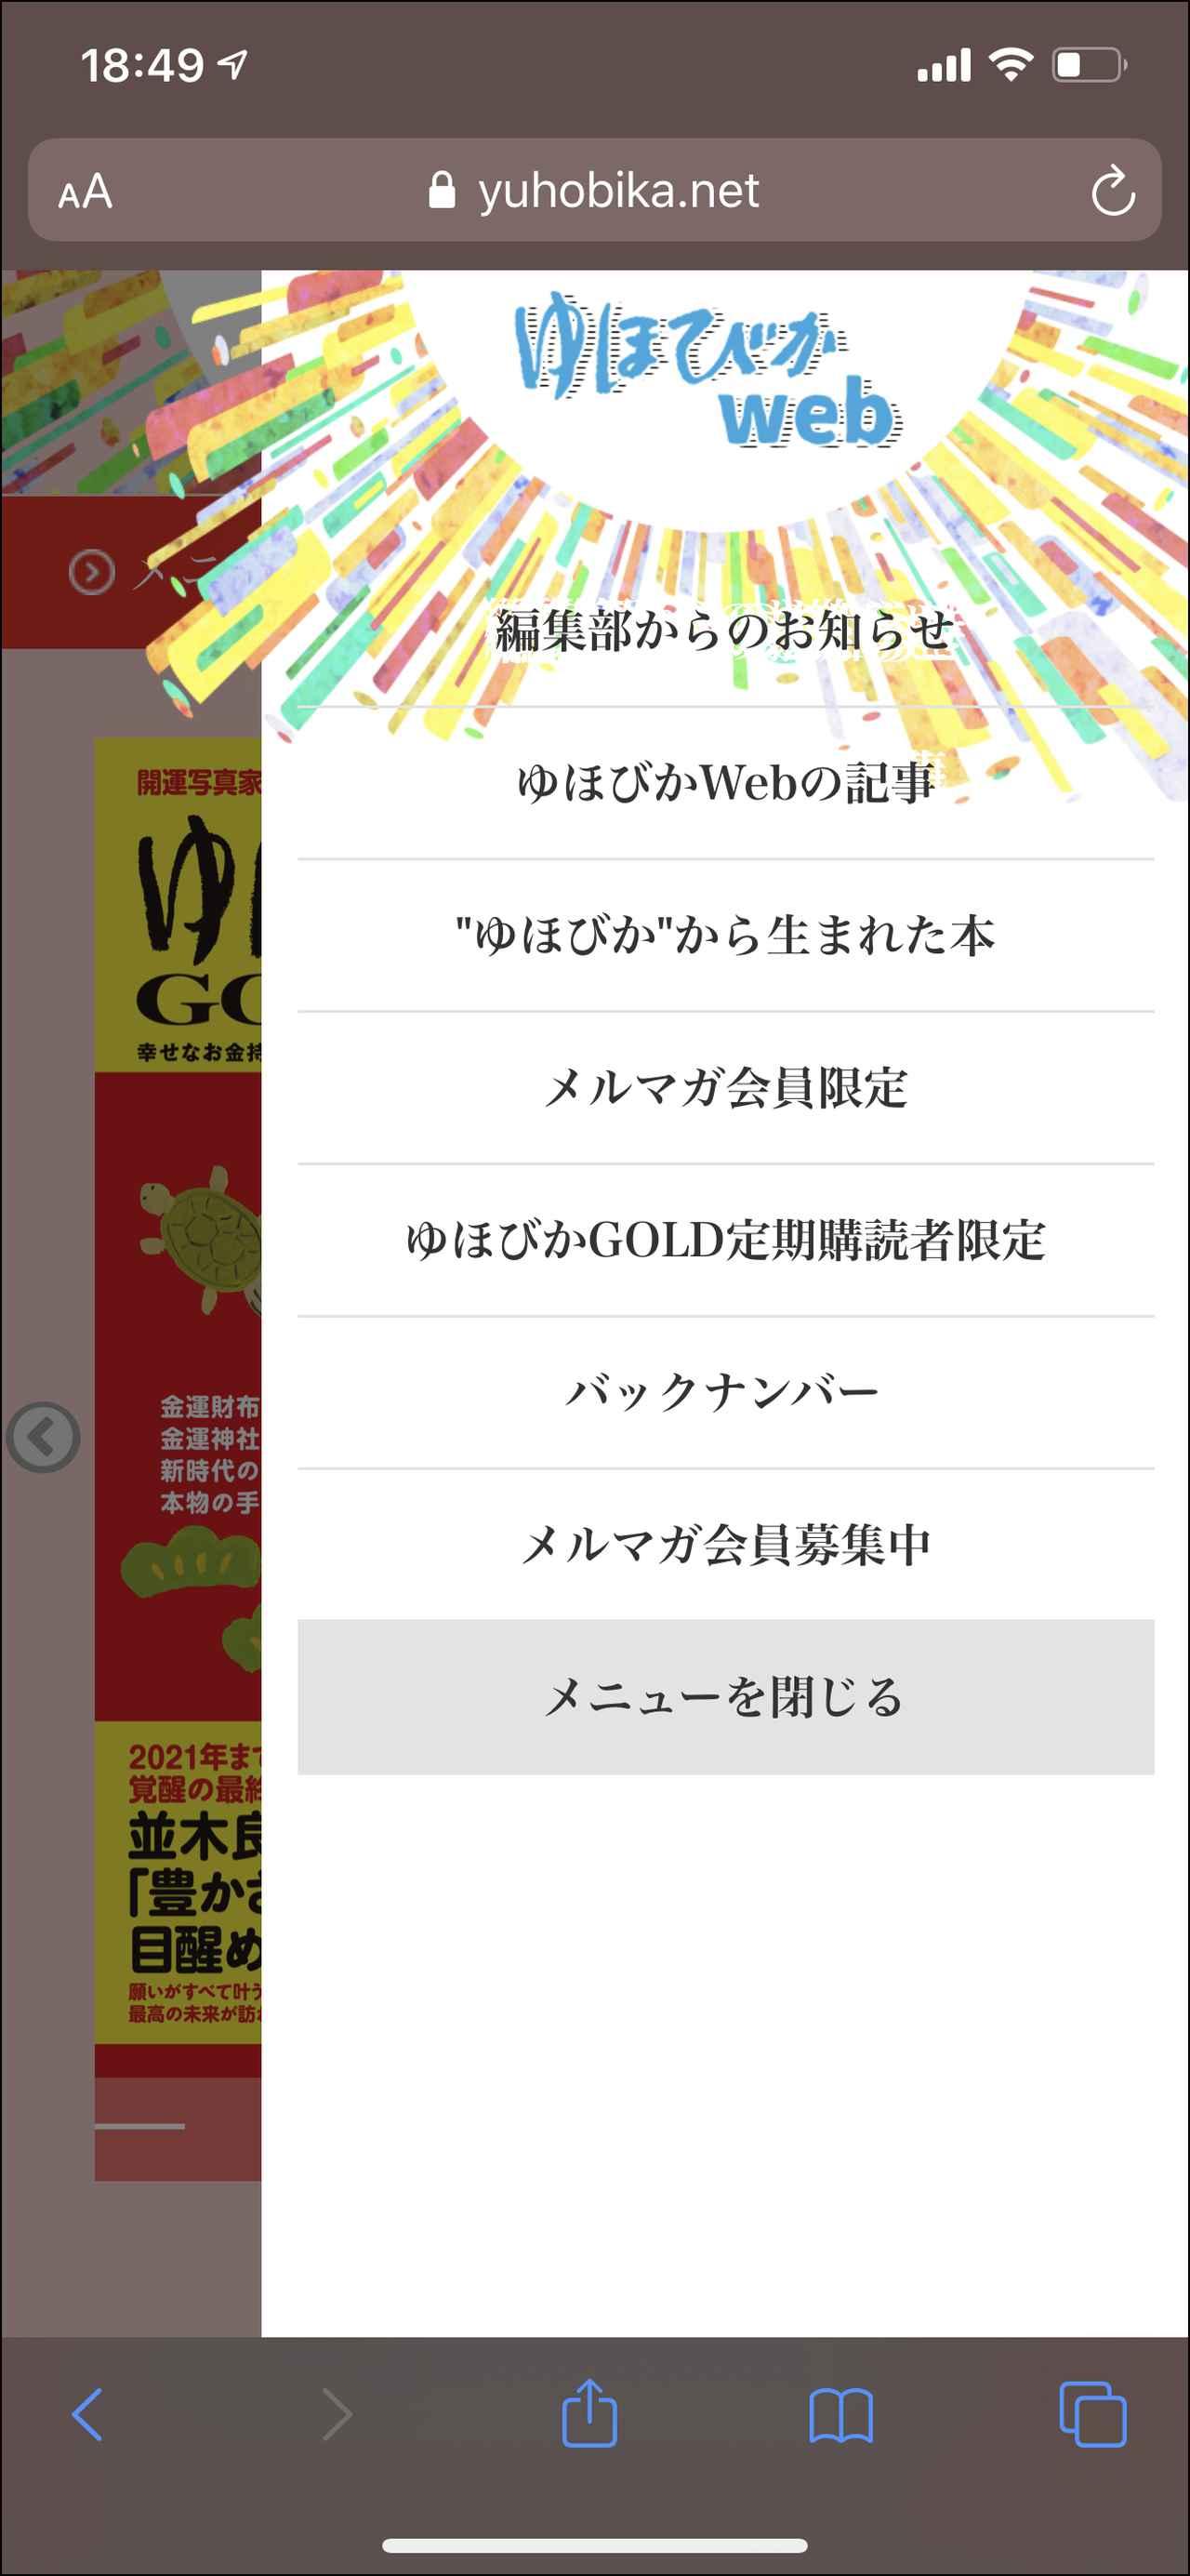 画像2: 新オープン! 運気アップ&すこやか情報サイト『ゆほびかweb』